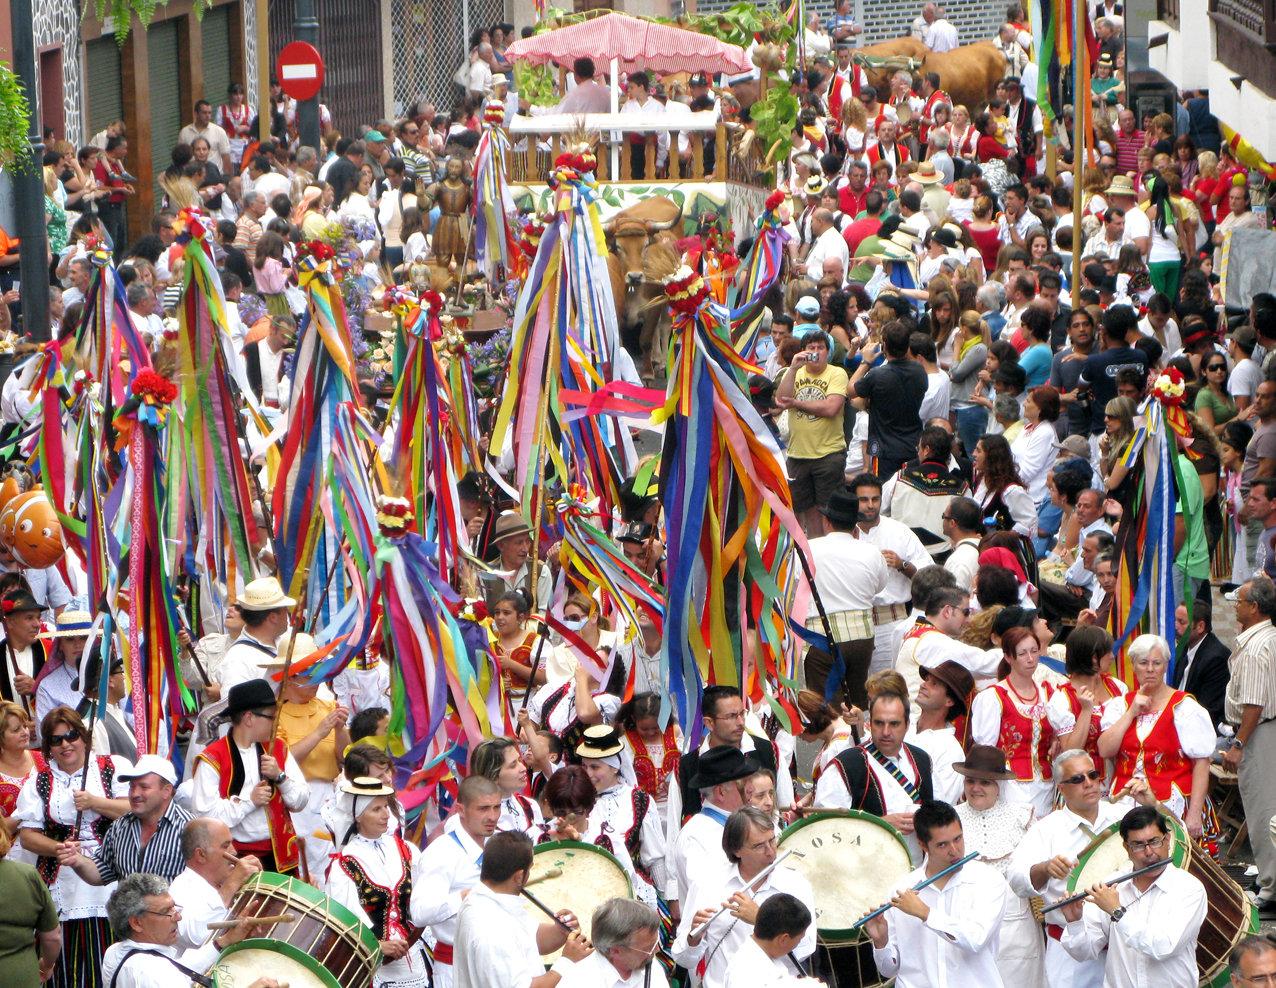 fiestas populares de san isidro